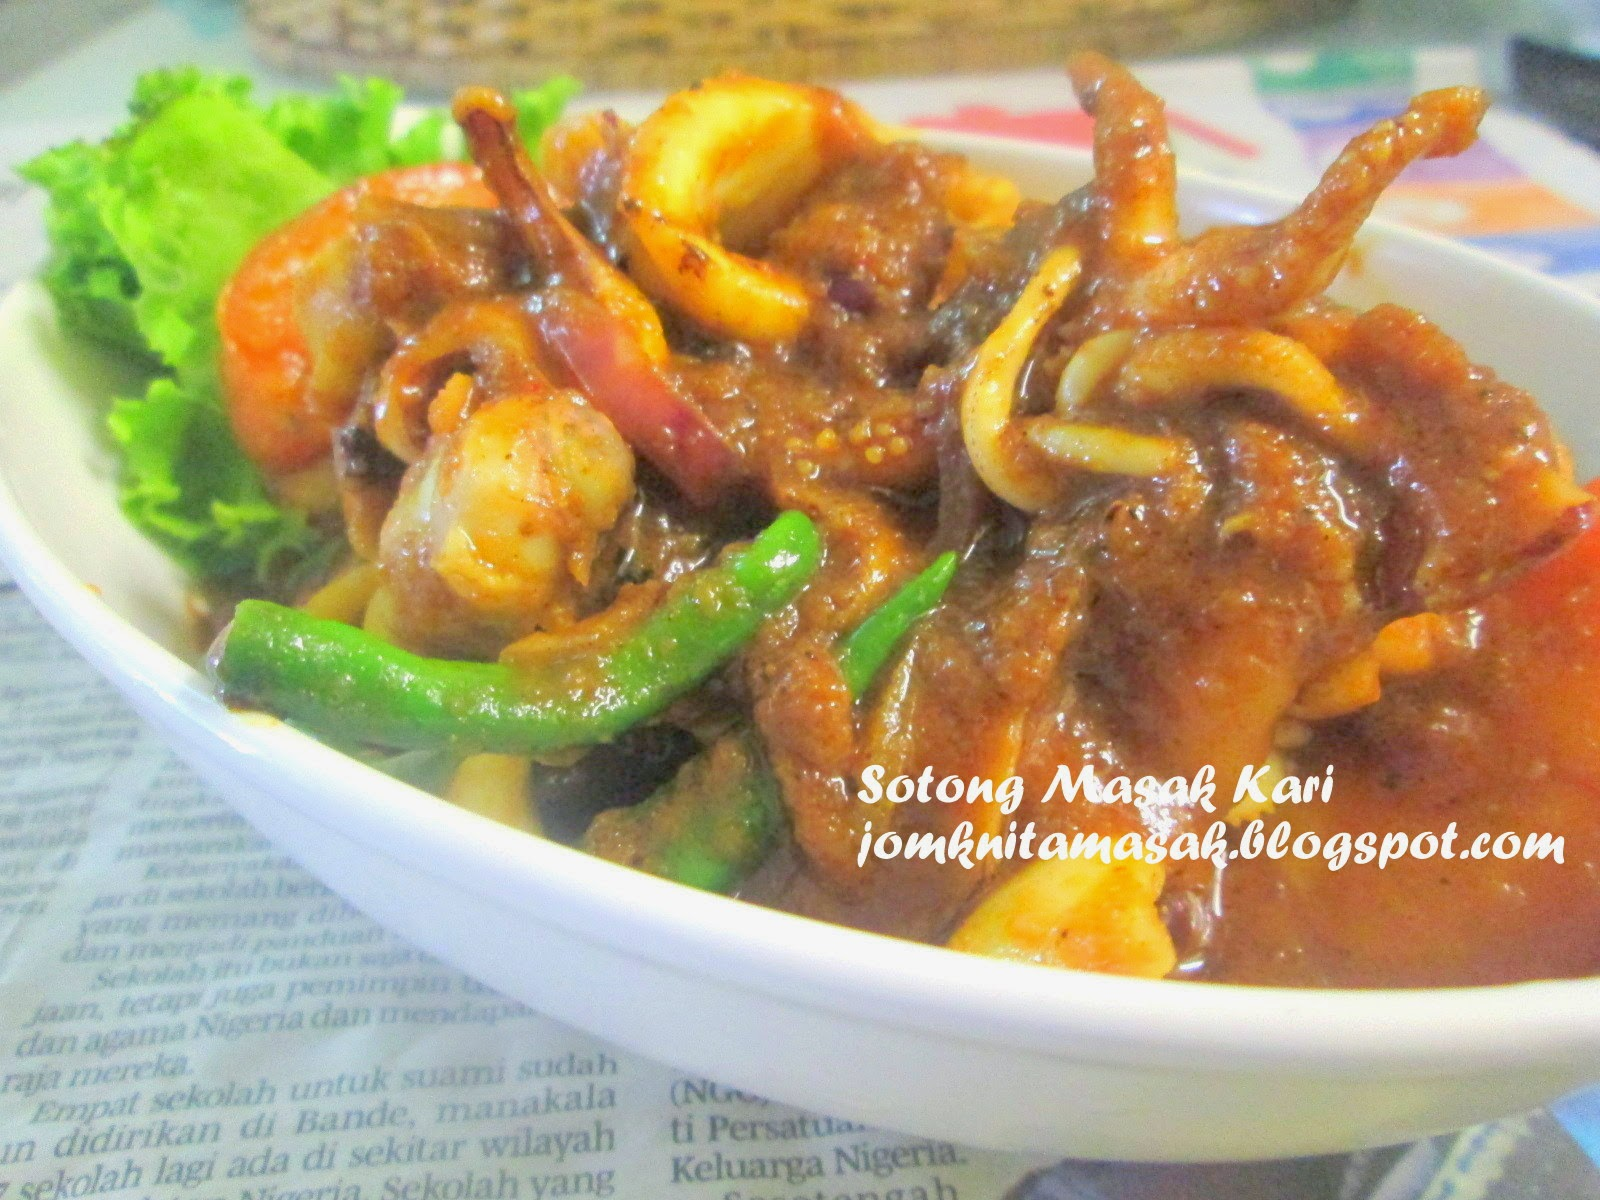 resepi sotong masak kari  mudah kari sotong aneka masakan enak resepi sotong bakar Resepi Roti Jala Untuk 2 Orang Enak dan Mudah